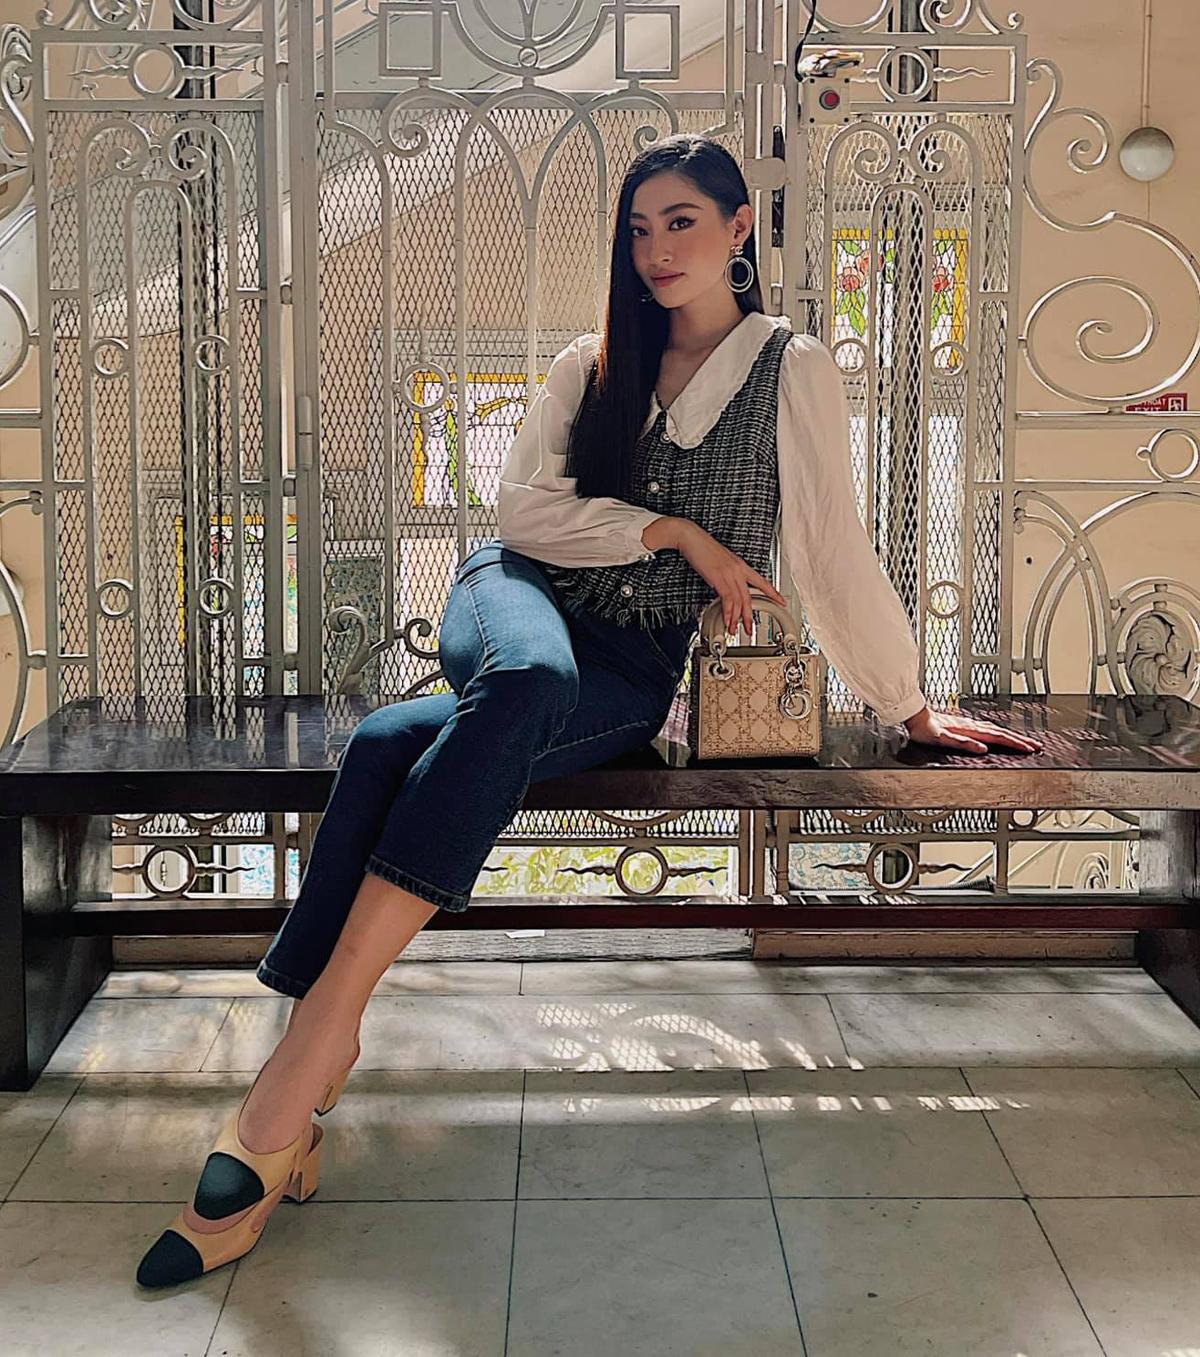 Lương Thùy Linh mặc sơ mi cùng quần jeans đơn giản nhưng vẫn toát lên dáng vẻ của một quý cô thanh lịch nhờ set túi Dior, giày Chanel thanh lịch đi kèm.